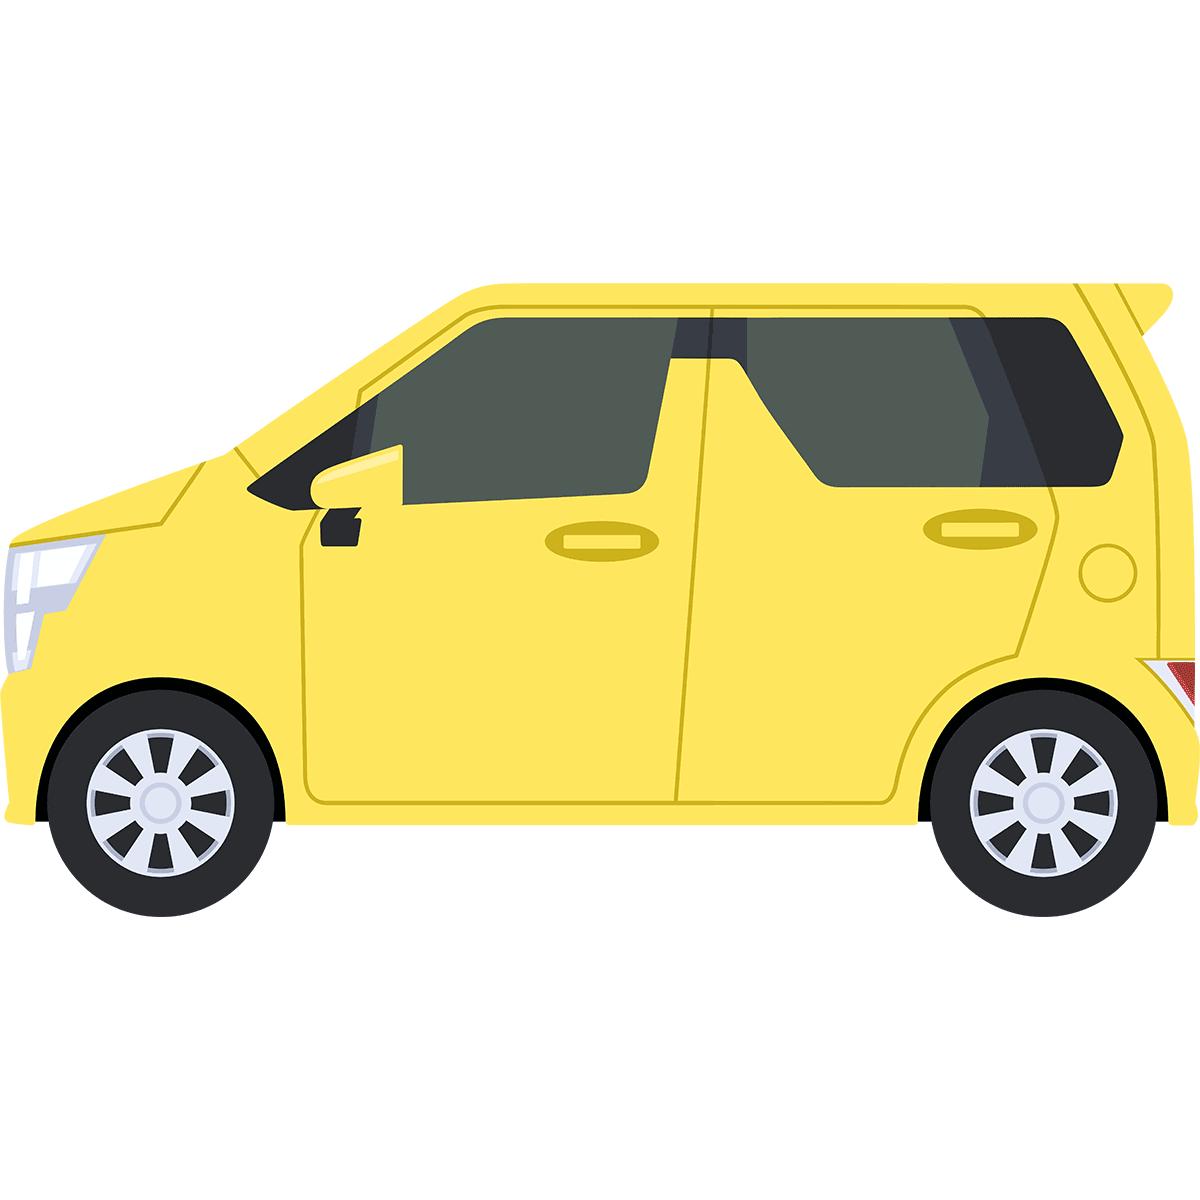 軽自動車の無料イラスト